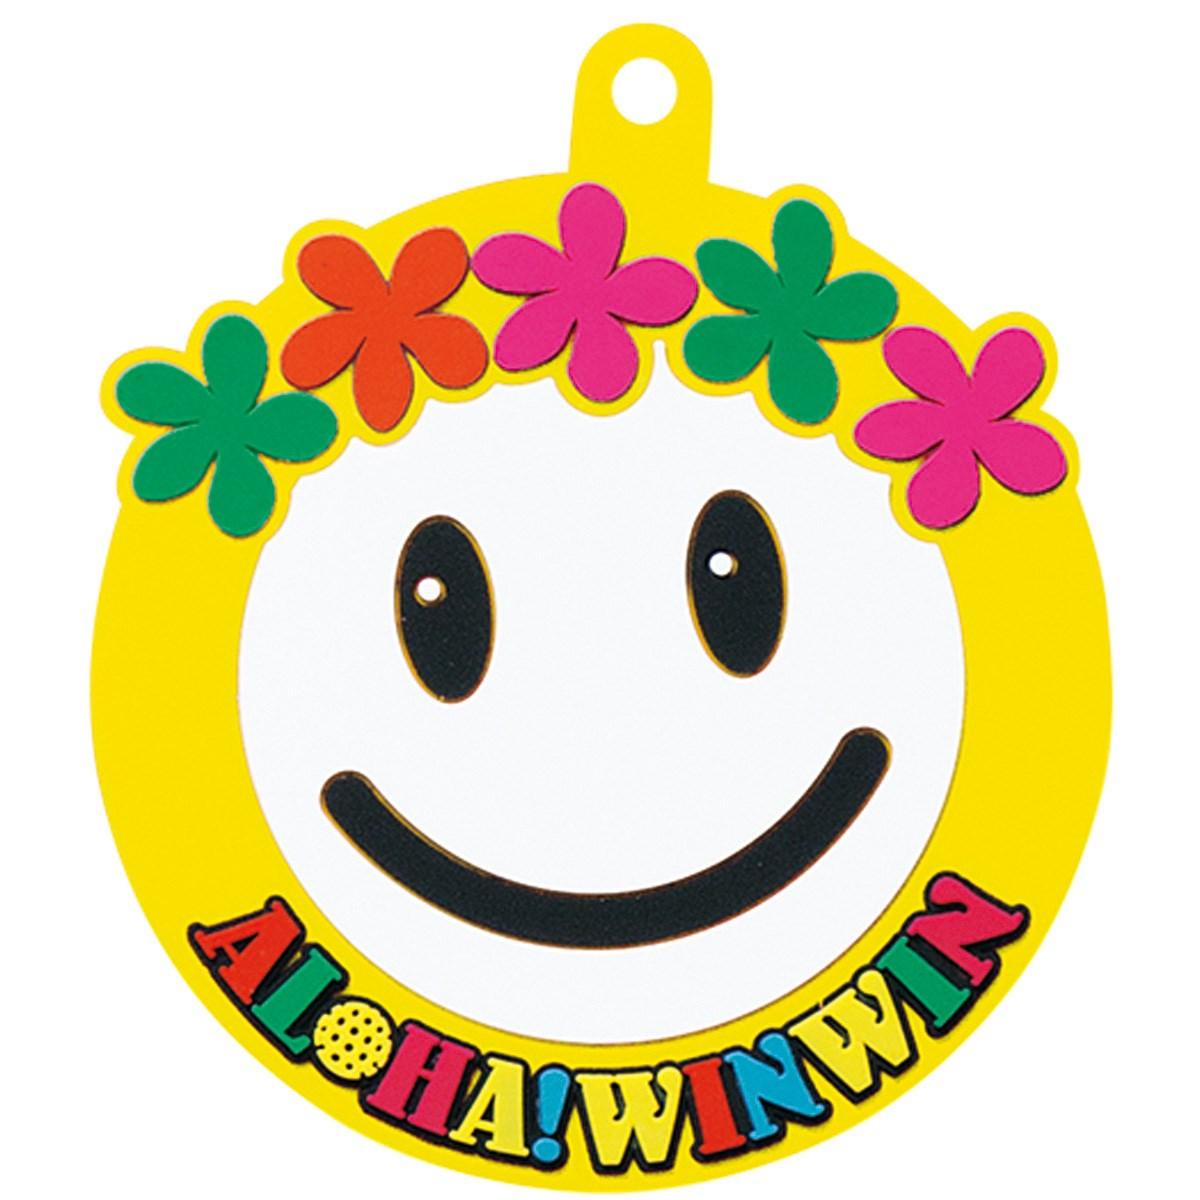 WINWIN STYLE ウィンウィンスタイル ALOHA SMILEパターキャッチャー イエロー